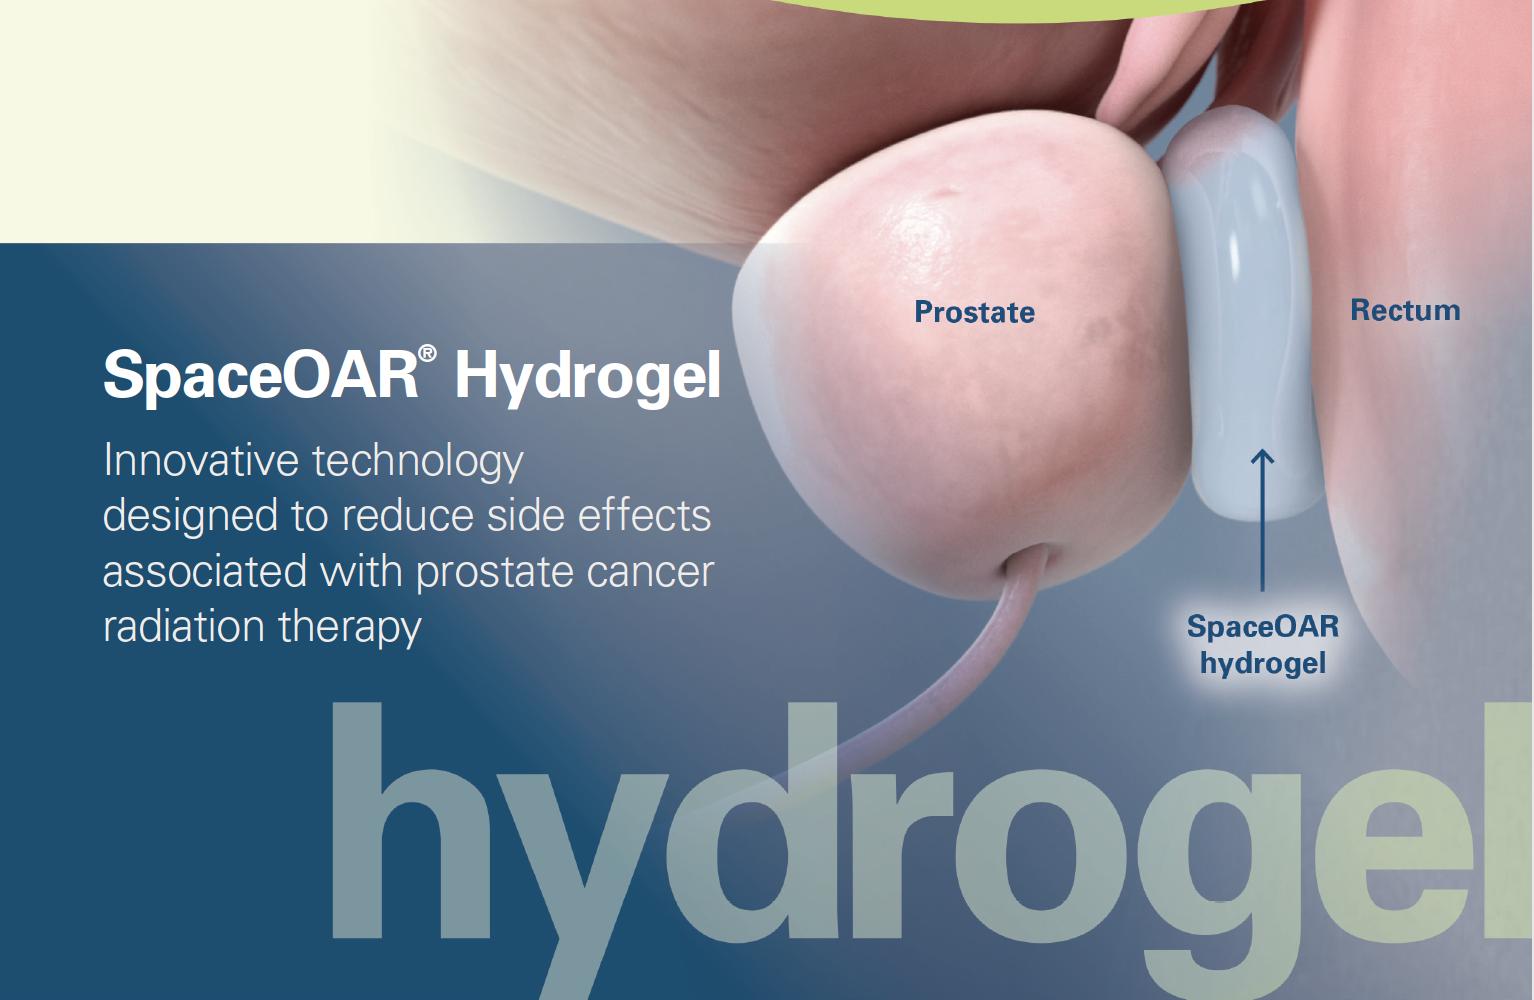 SpaceOAR Hydrogel